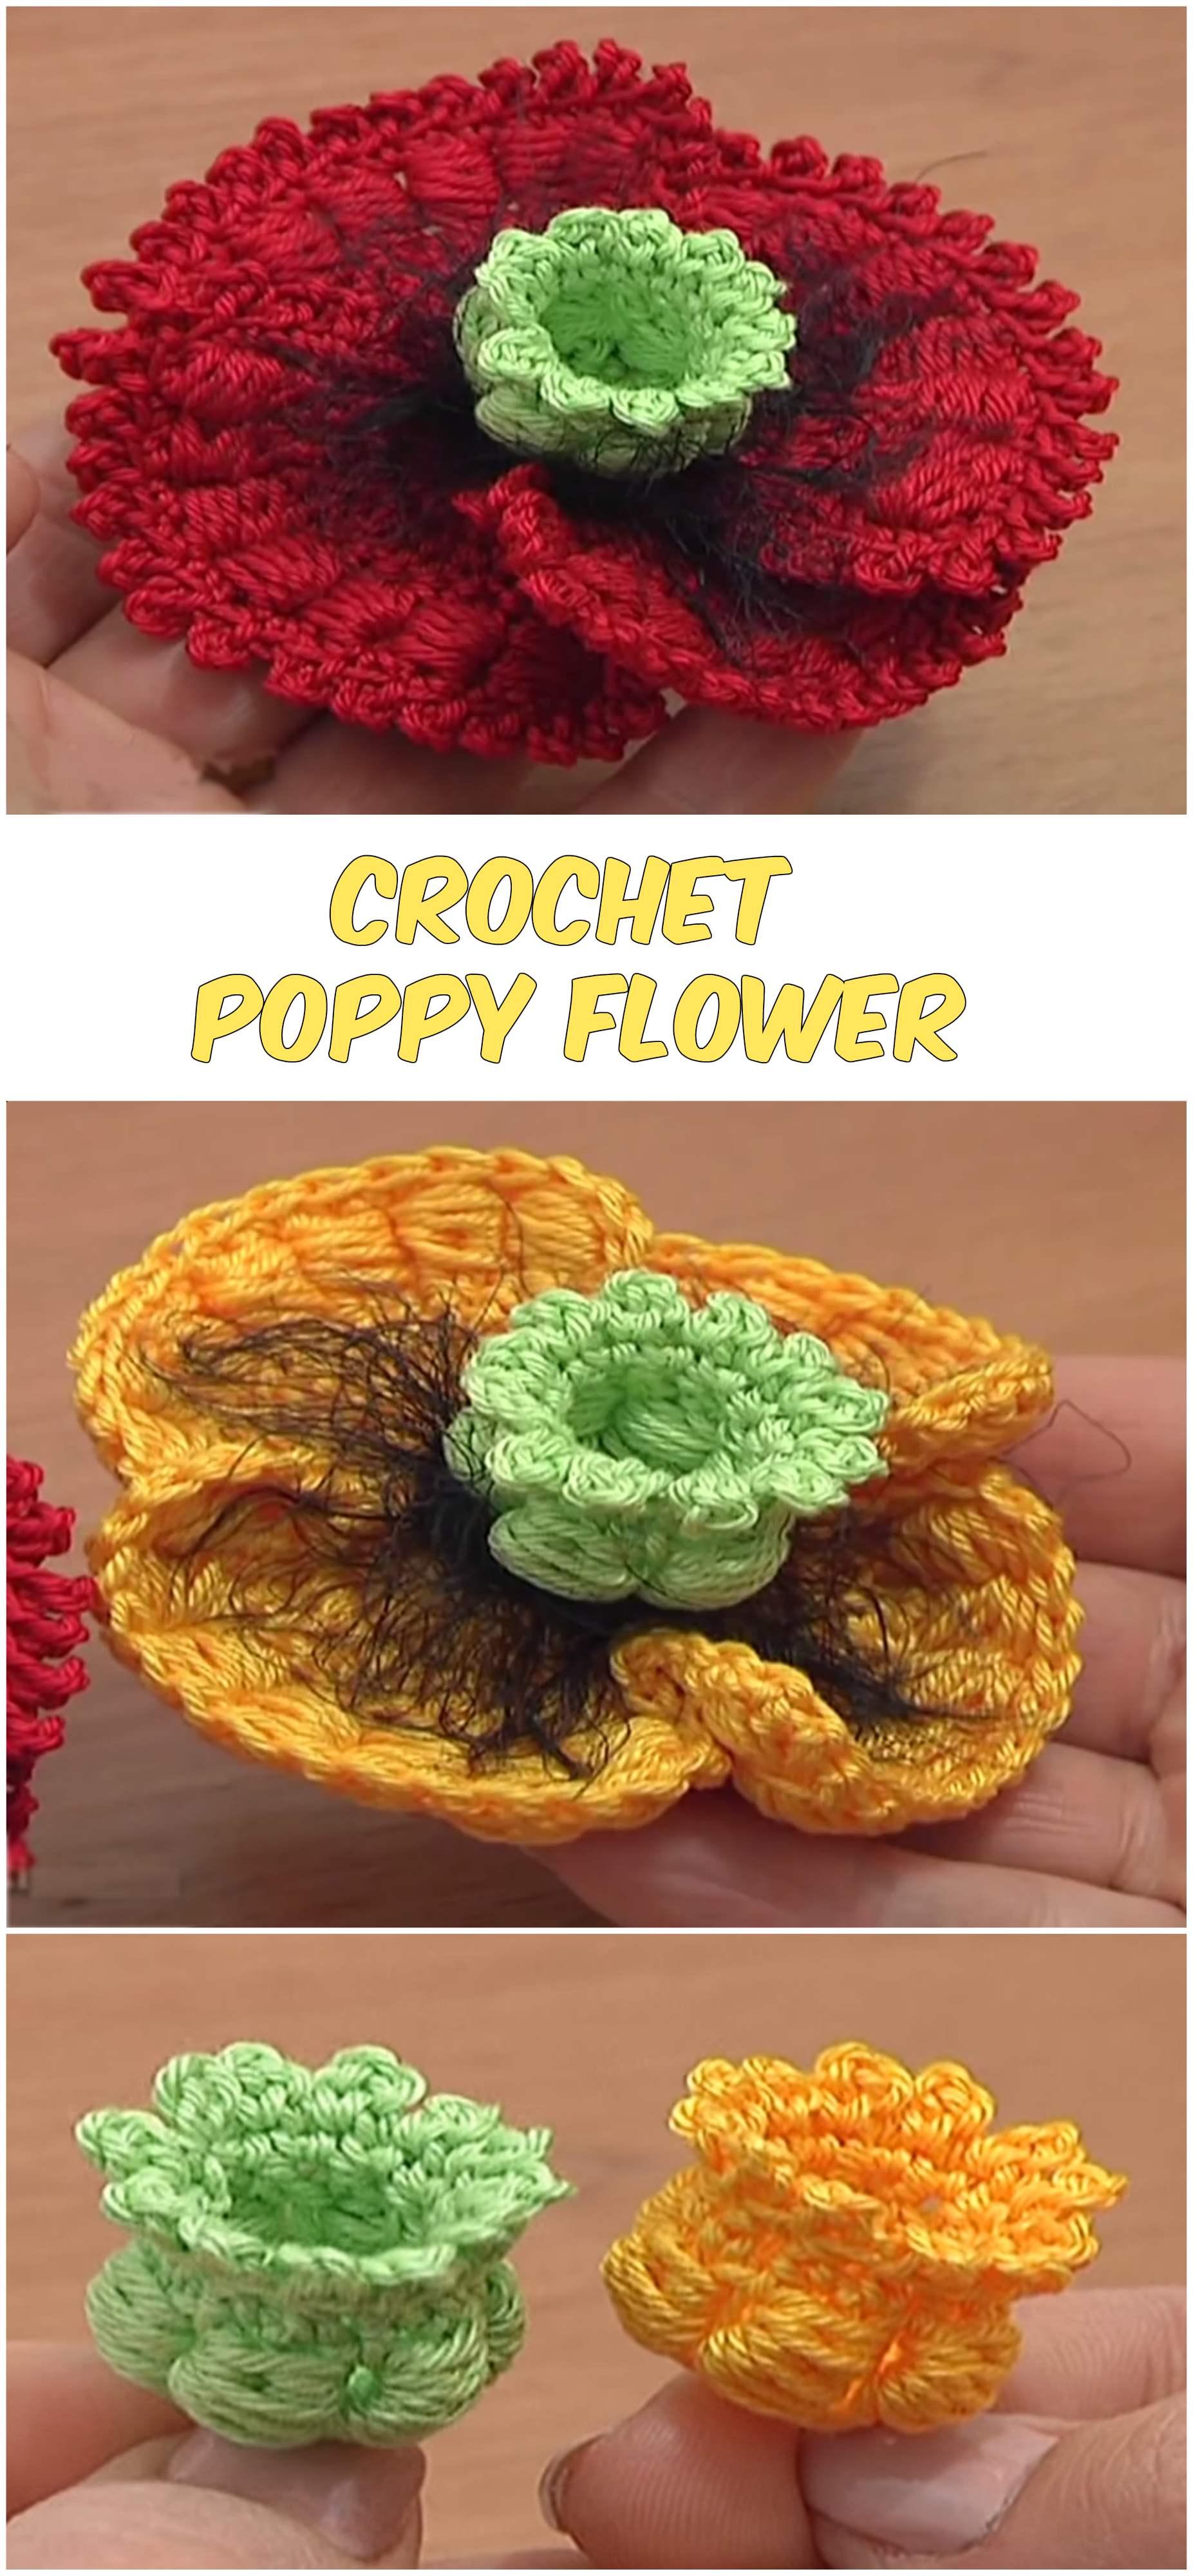 Crochet Poppy Flower Pretty Ideas